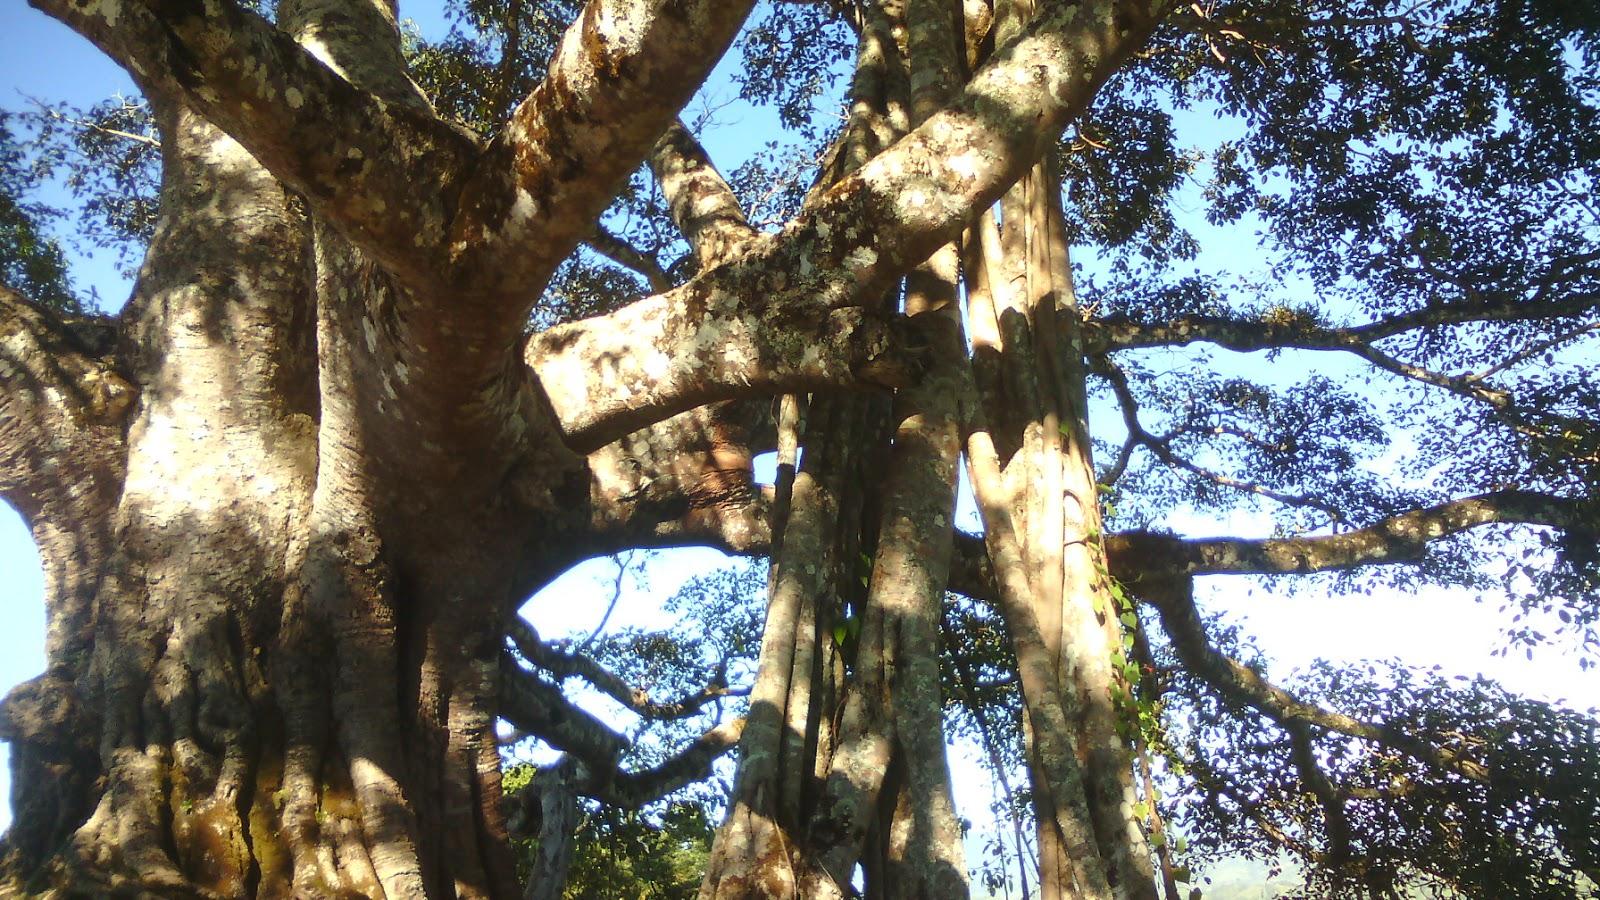 Picsindia National Mizoram State Animalbirdetc Tlaizawng Par